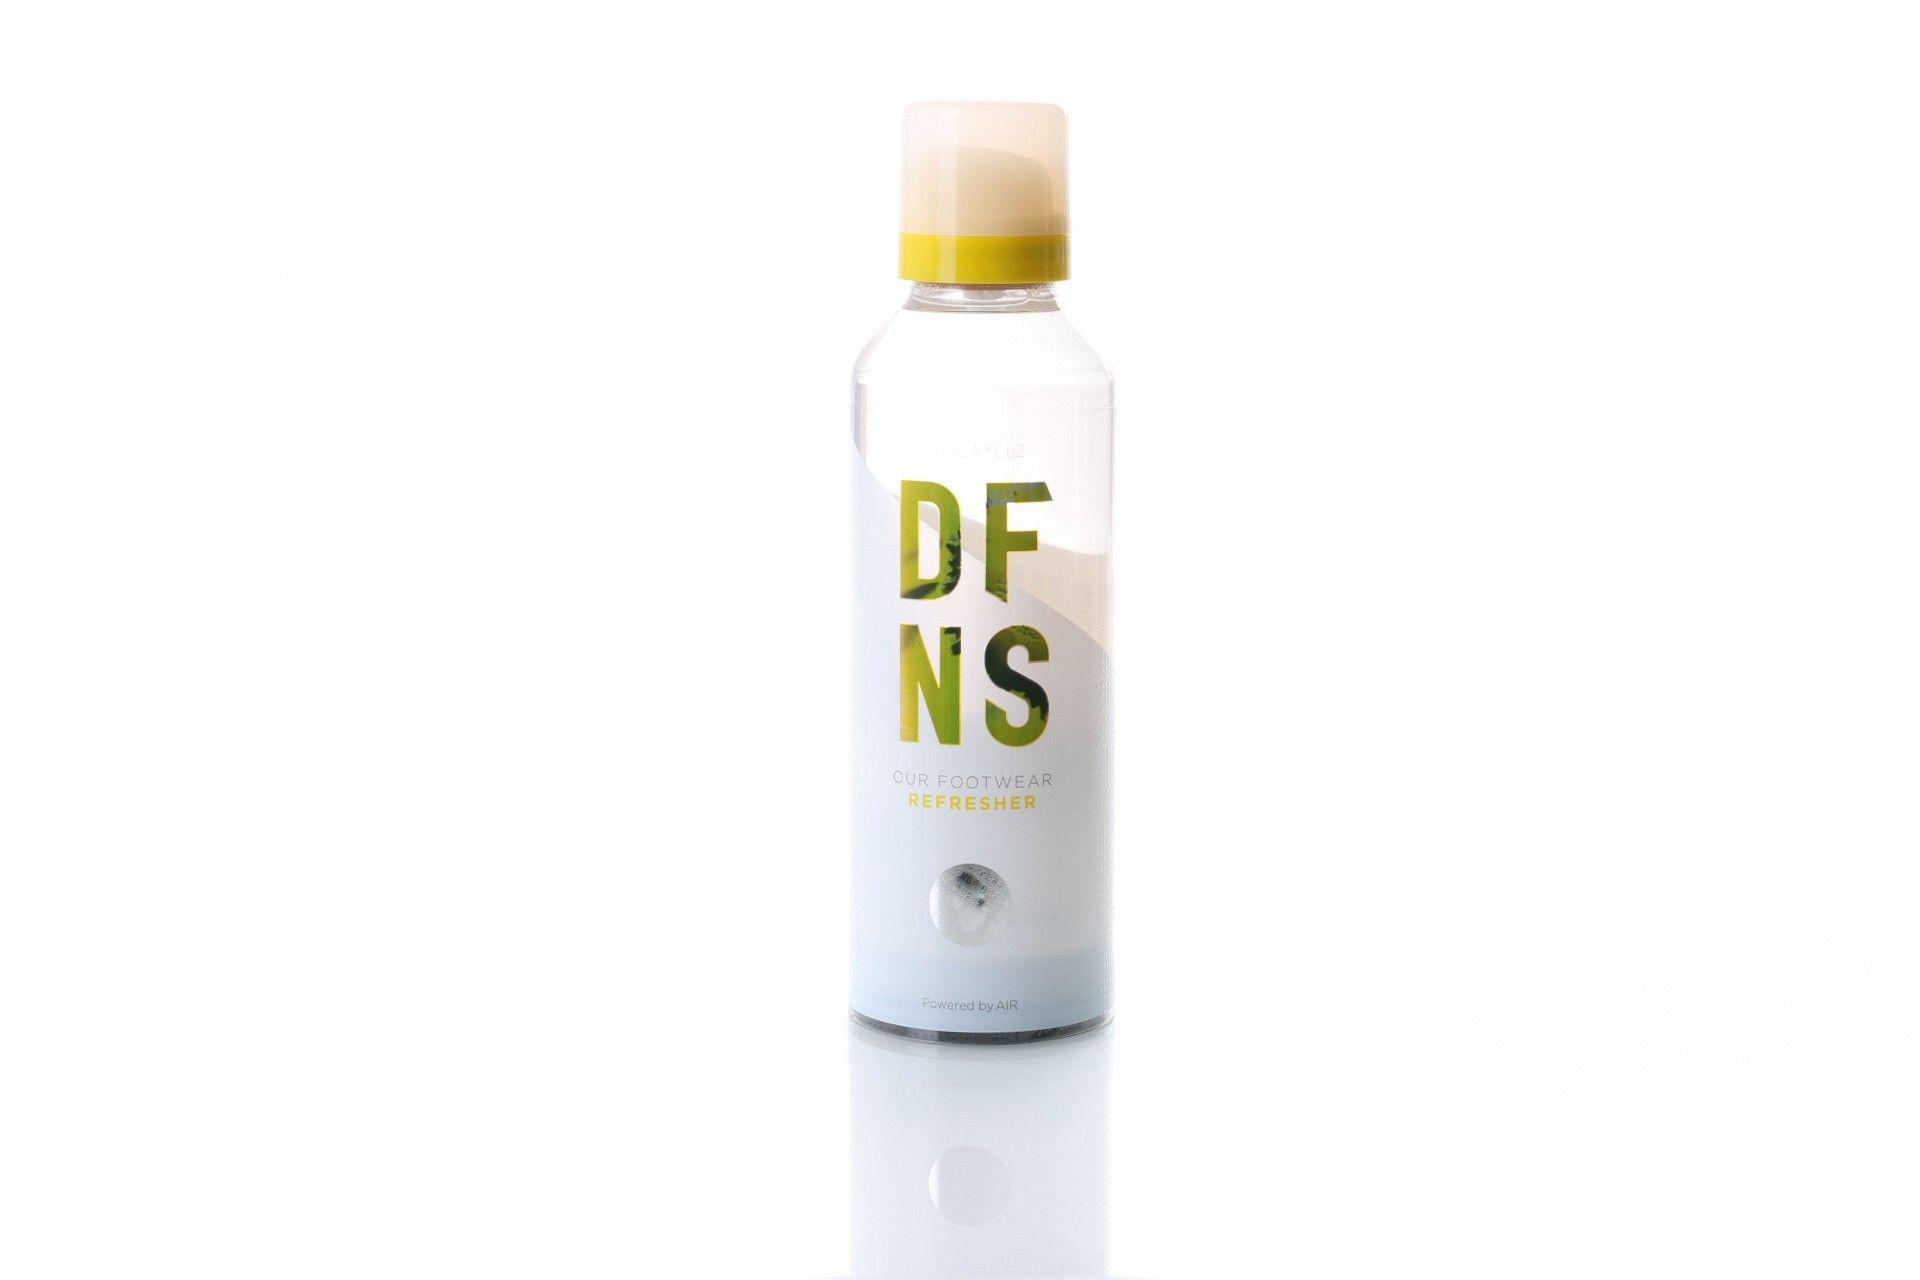 Afbeelding van DFNS Onderhoud DFNS Footwear Refresher, 150 ml x 2190502